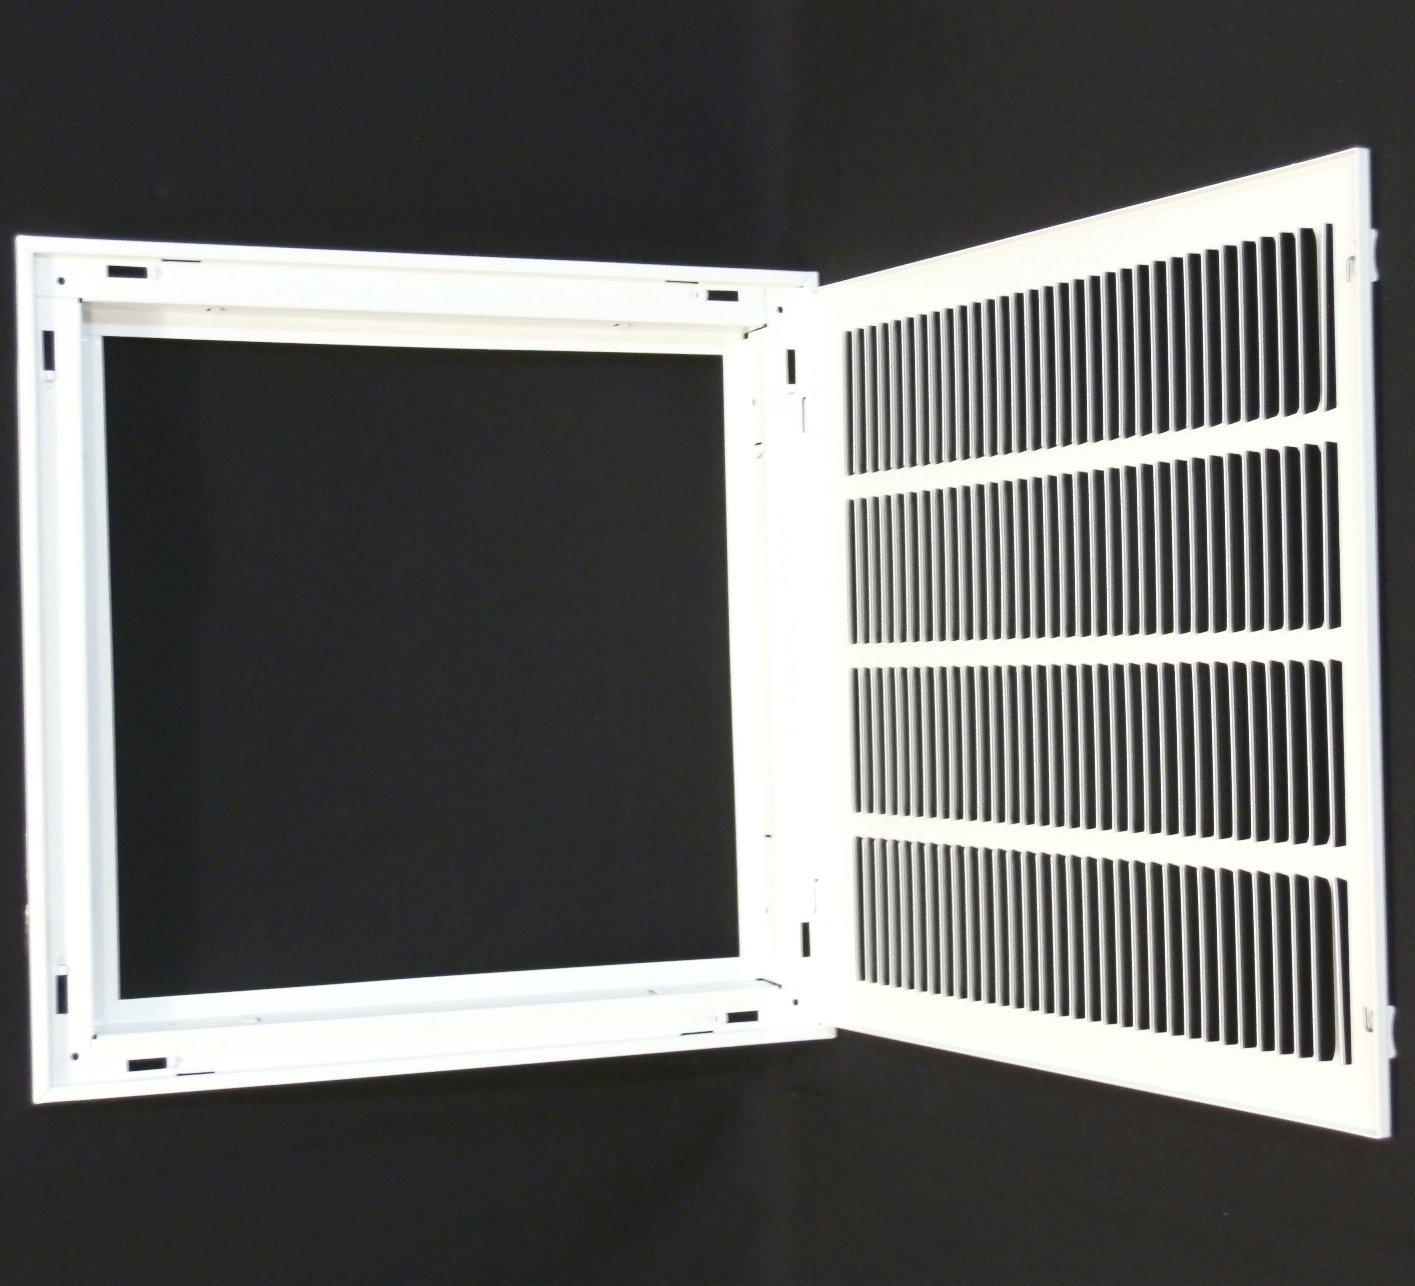 16w Quot X 16h Quot Return Filter Grille Hvac Dcut Cover Flat